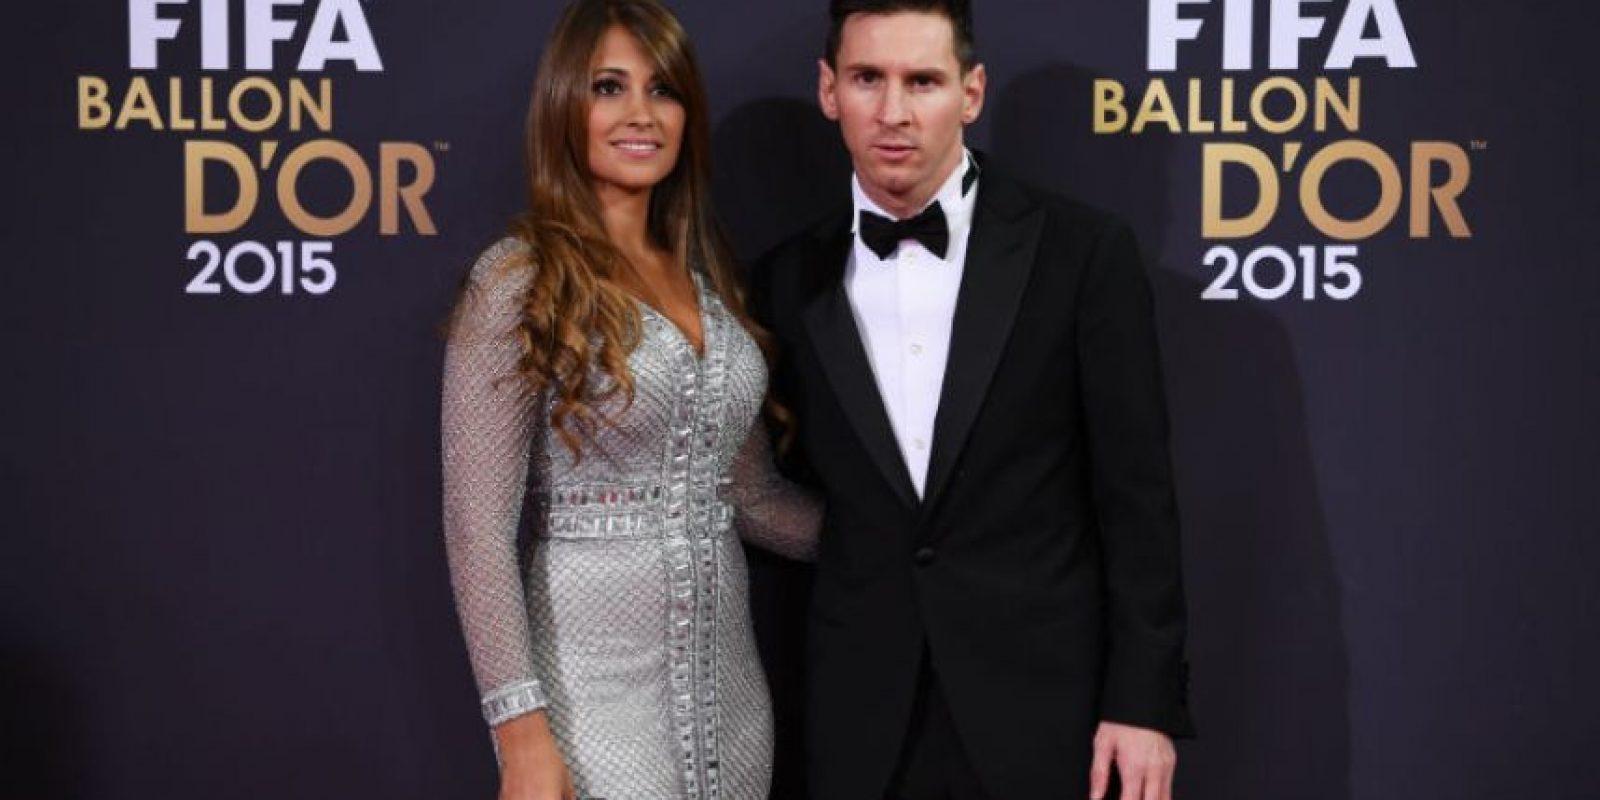 Miren las mejores imágenes de Lionel Messi y Cristiano Ronaldo en la Gala del Balón de Oro Foto:Getty Images. Imagen Por: